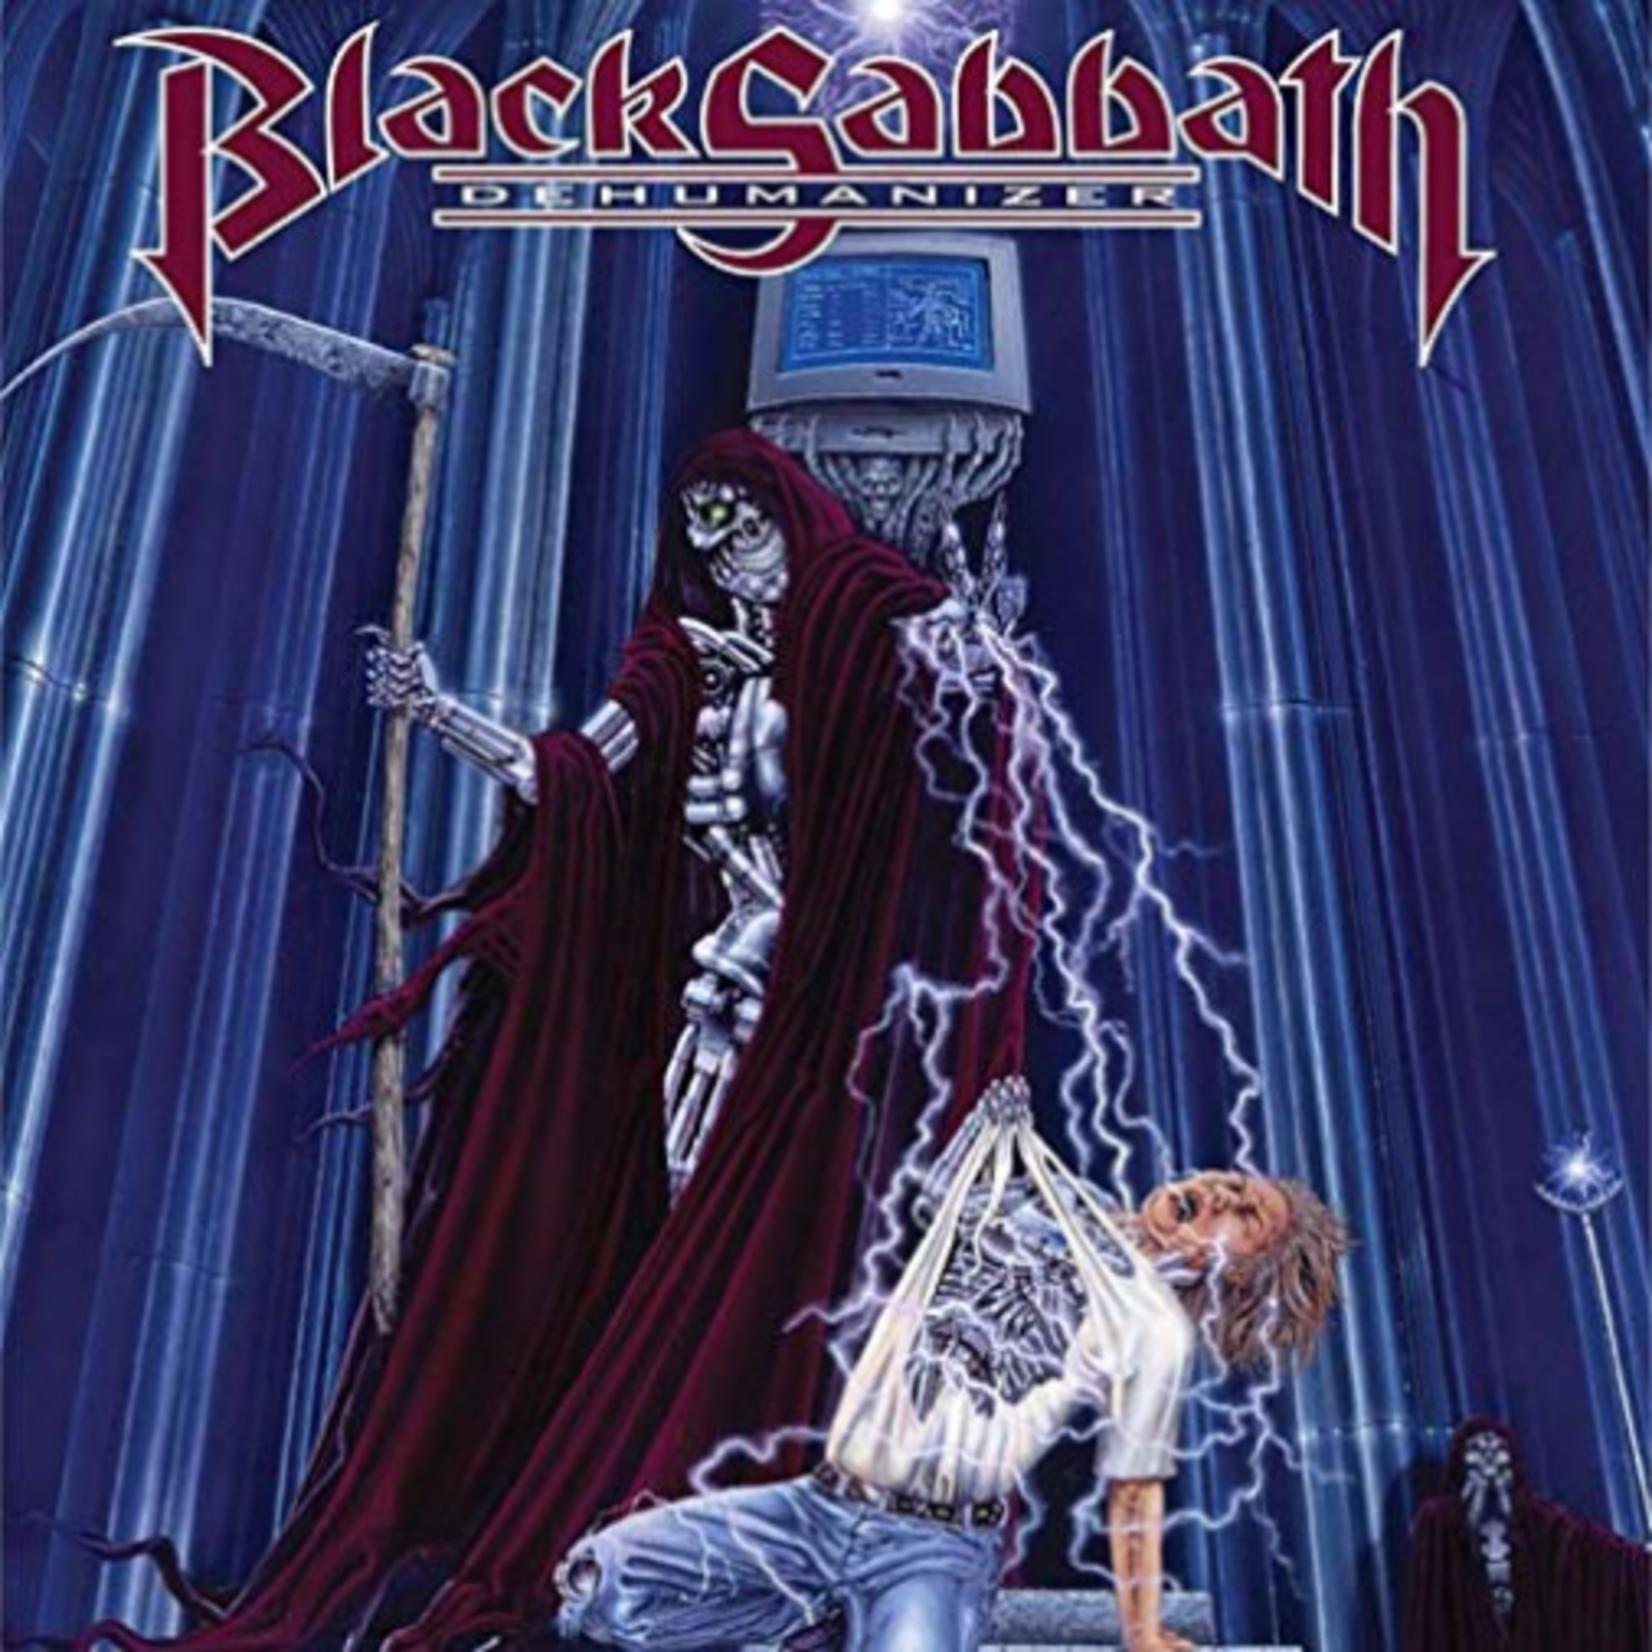 BLACK SABBATH DEHUMANIZER (2LP)